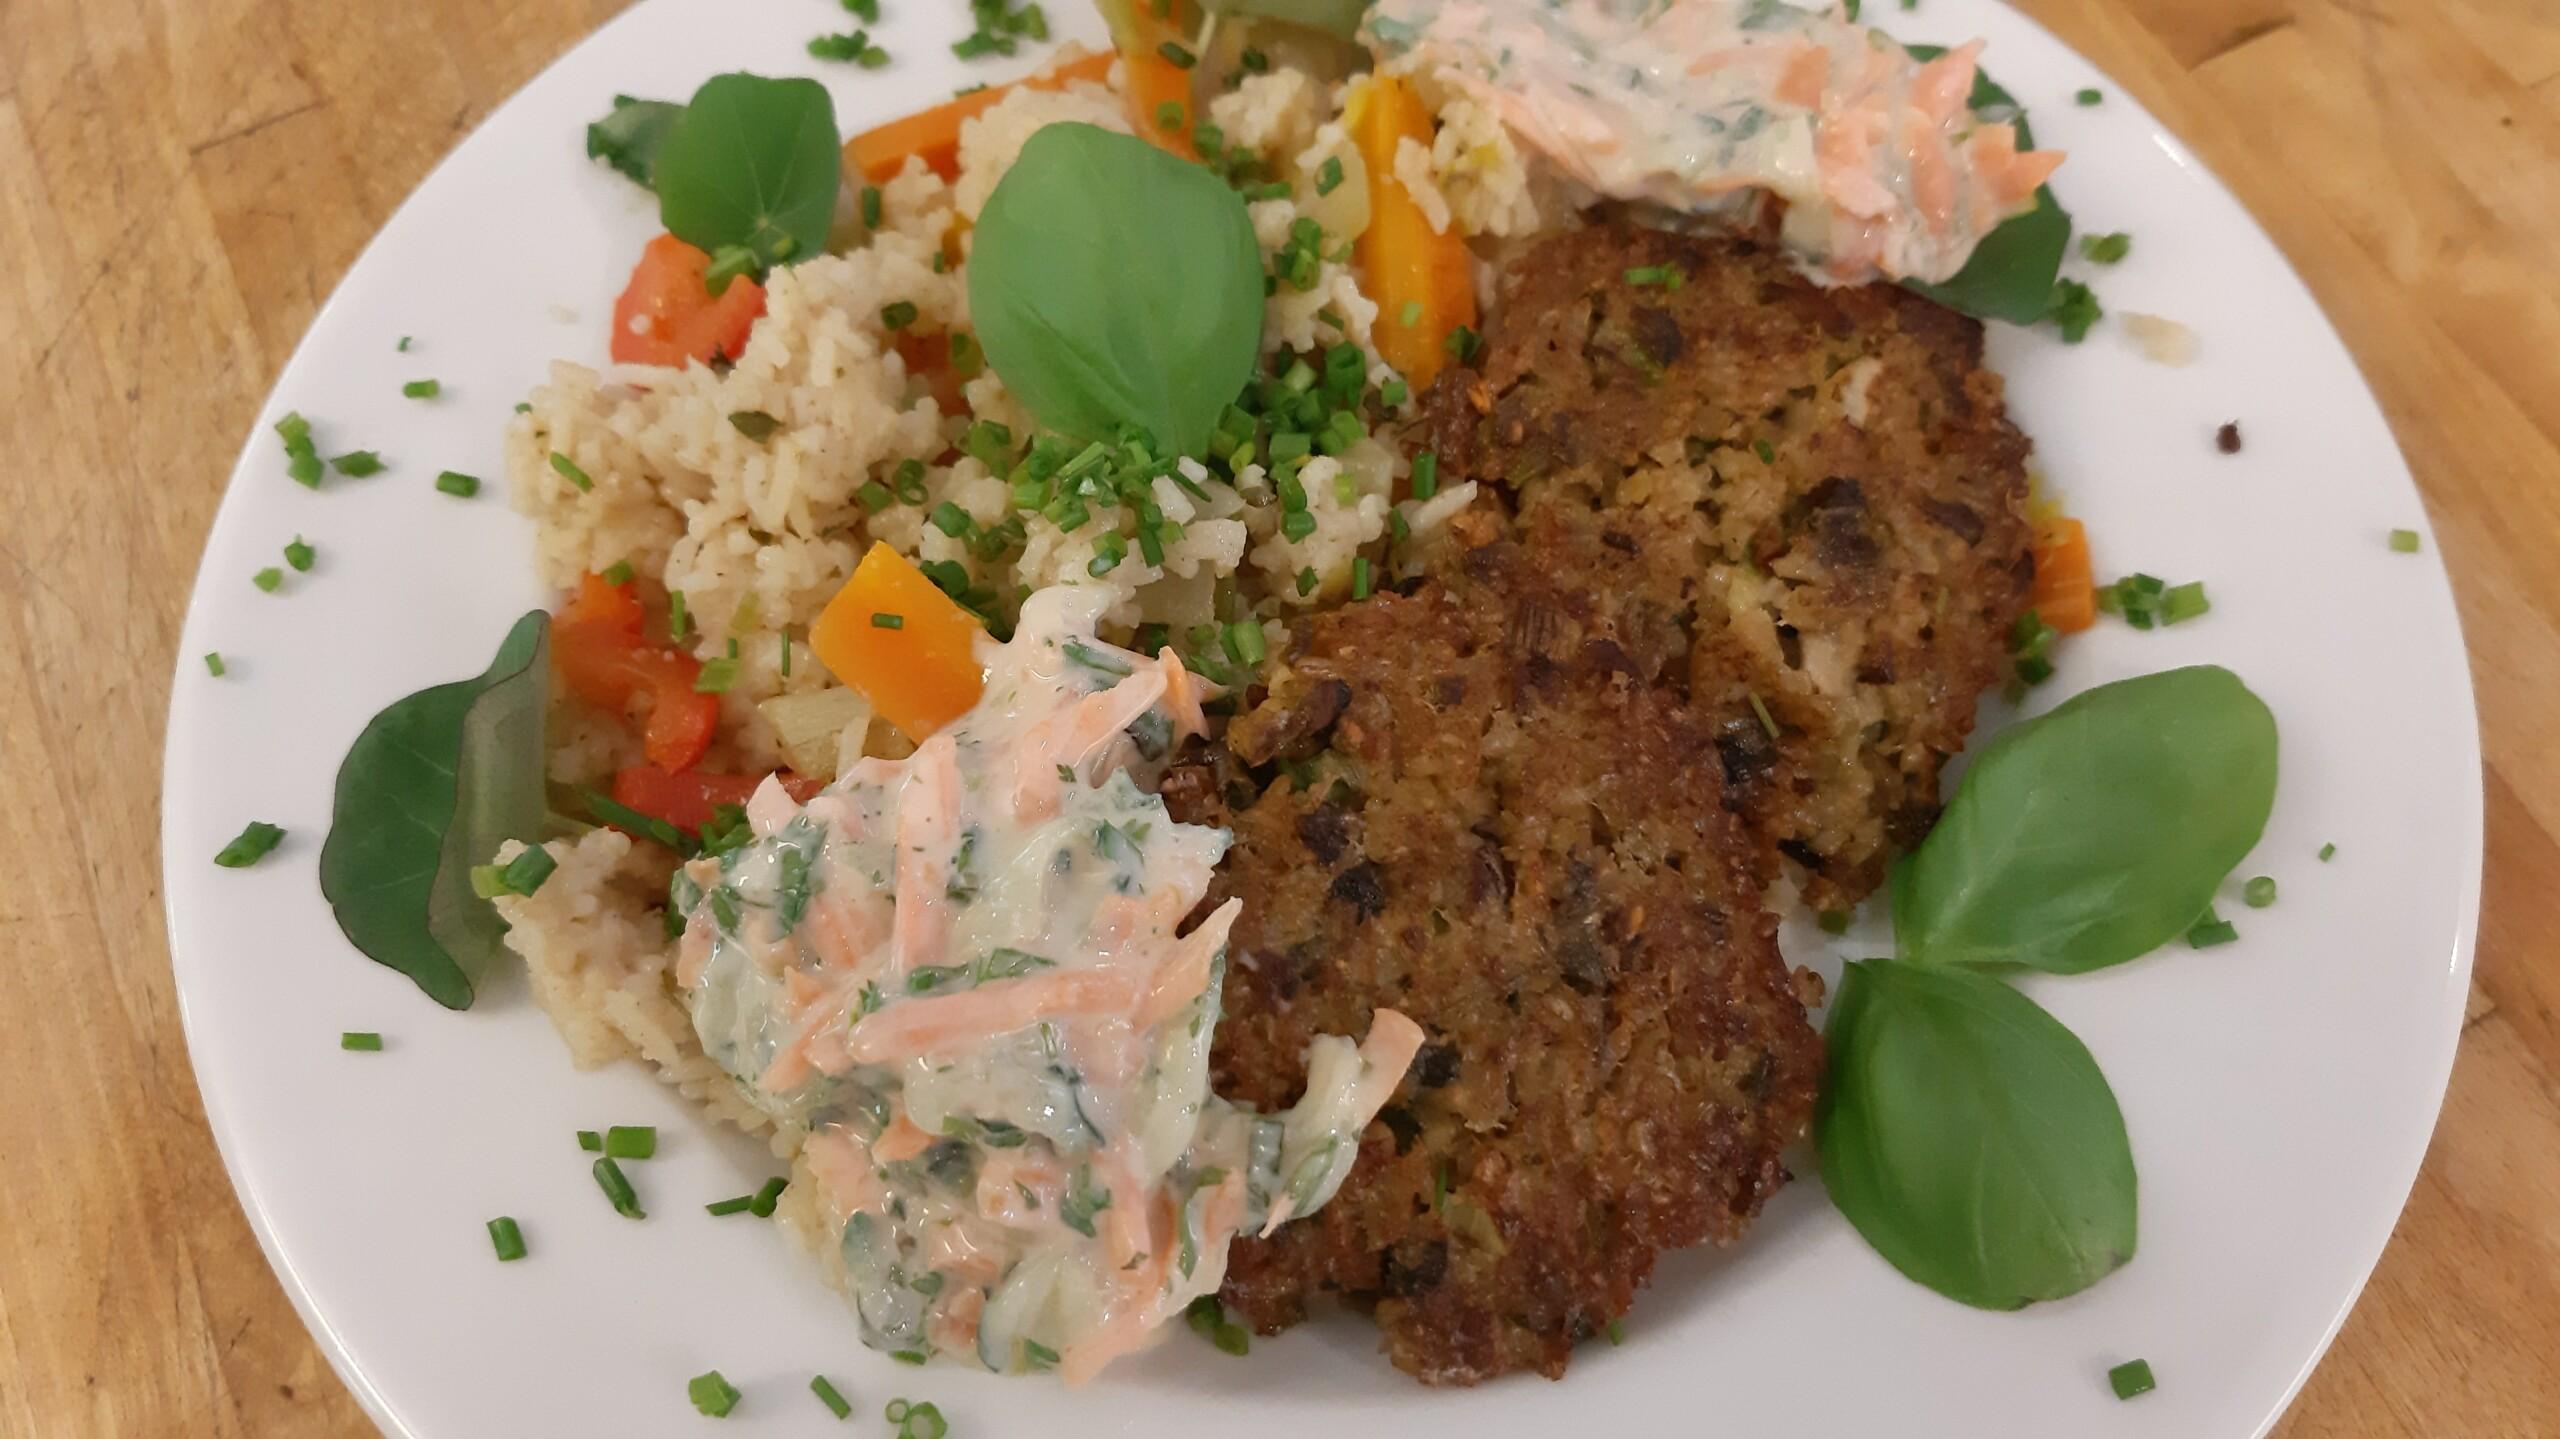 Gemüse-Reispfanne - Mittagstisch Mittagessen Biodelikat Bad Tölz